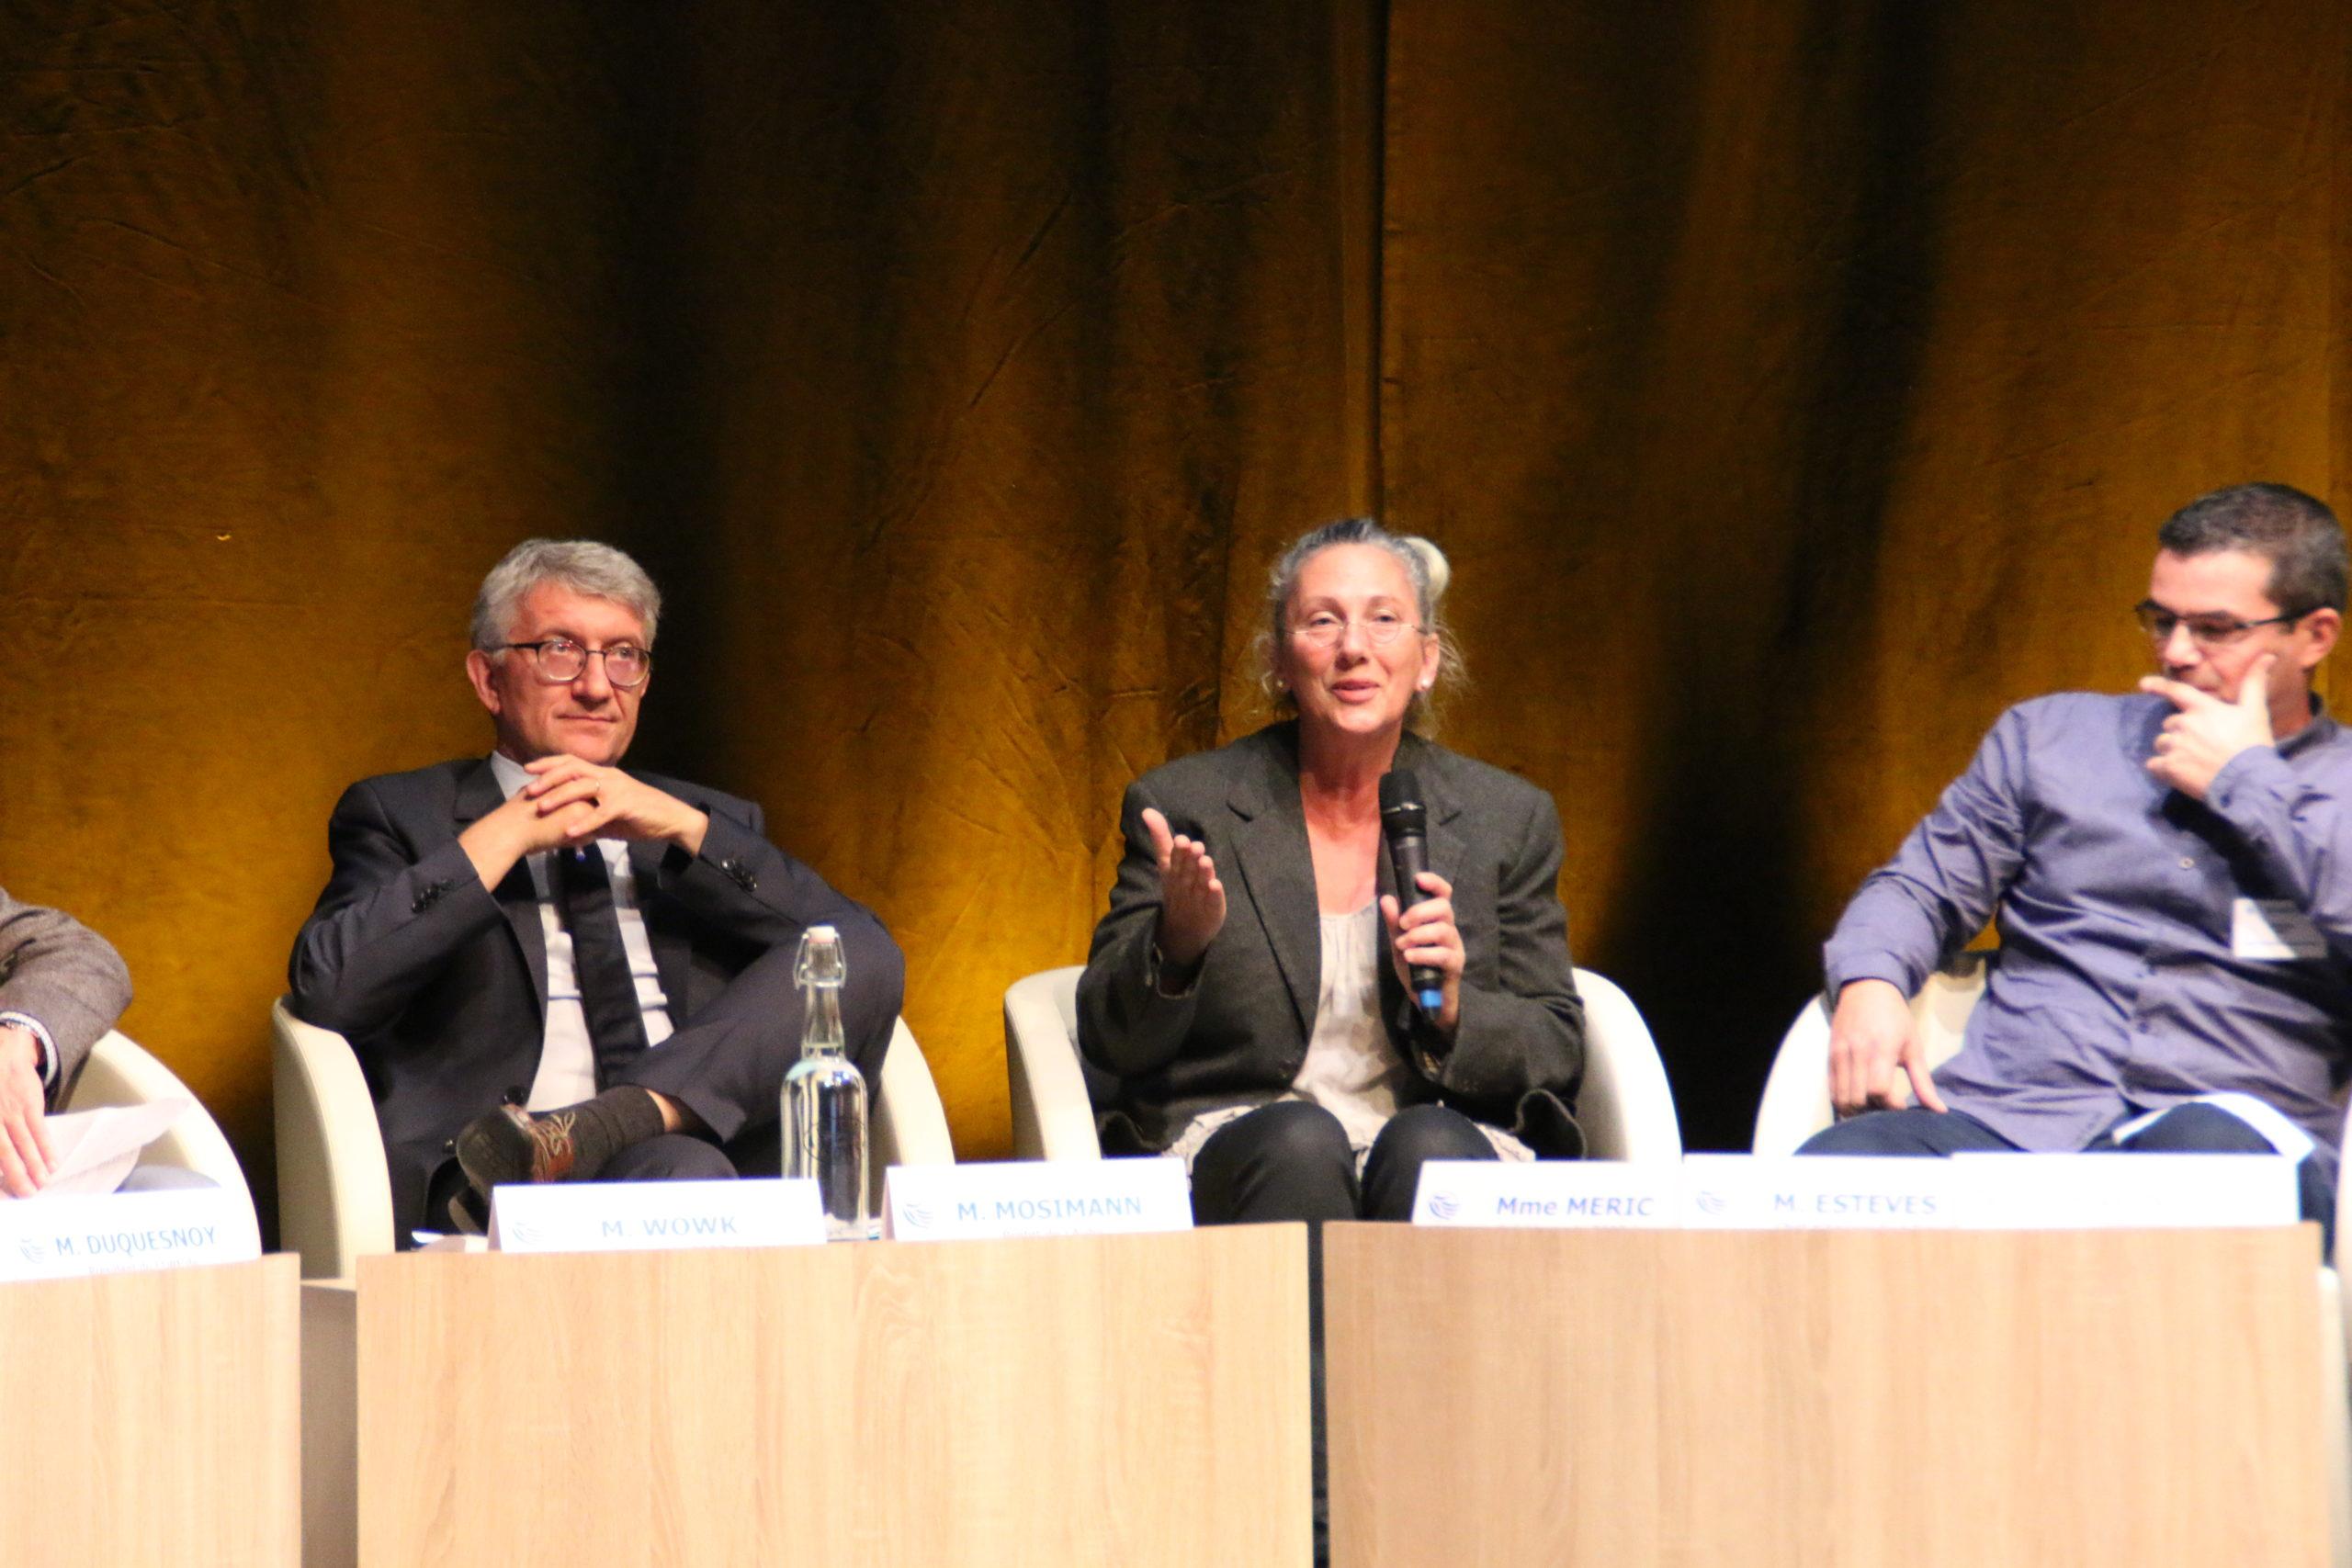 Intervention de Solange MERIC, Présidente du COPE de Fontettes Verpillieres-sur-Ource